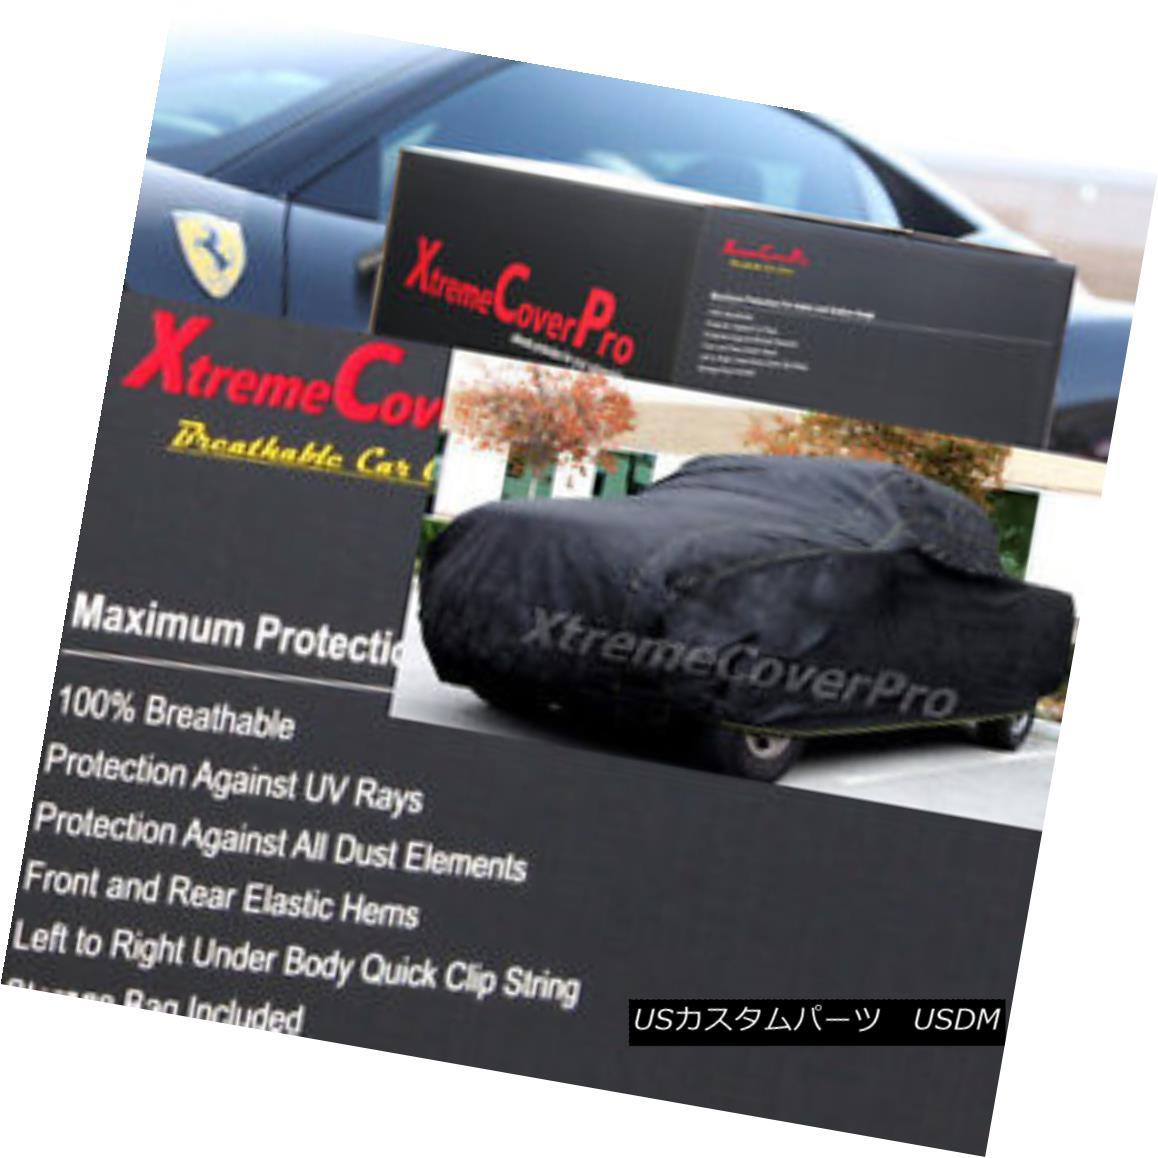 カーカバー 2001 2002 2003 GMC Sierra 3500 Reg Cab 8ft Bed Breathable Truck Cover 2001 2002 2003 GMC Sierra 3500 Regキャブ8ftベッド通気性トラックカバー